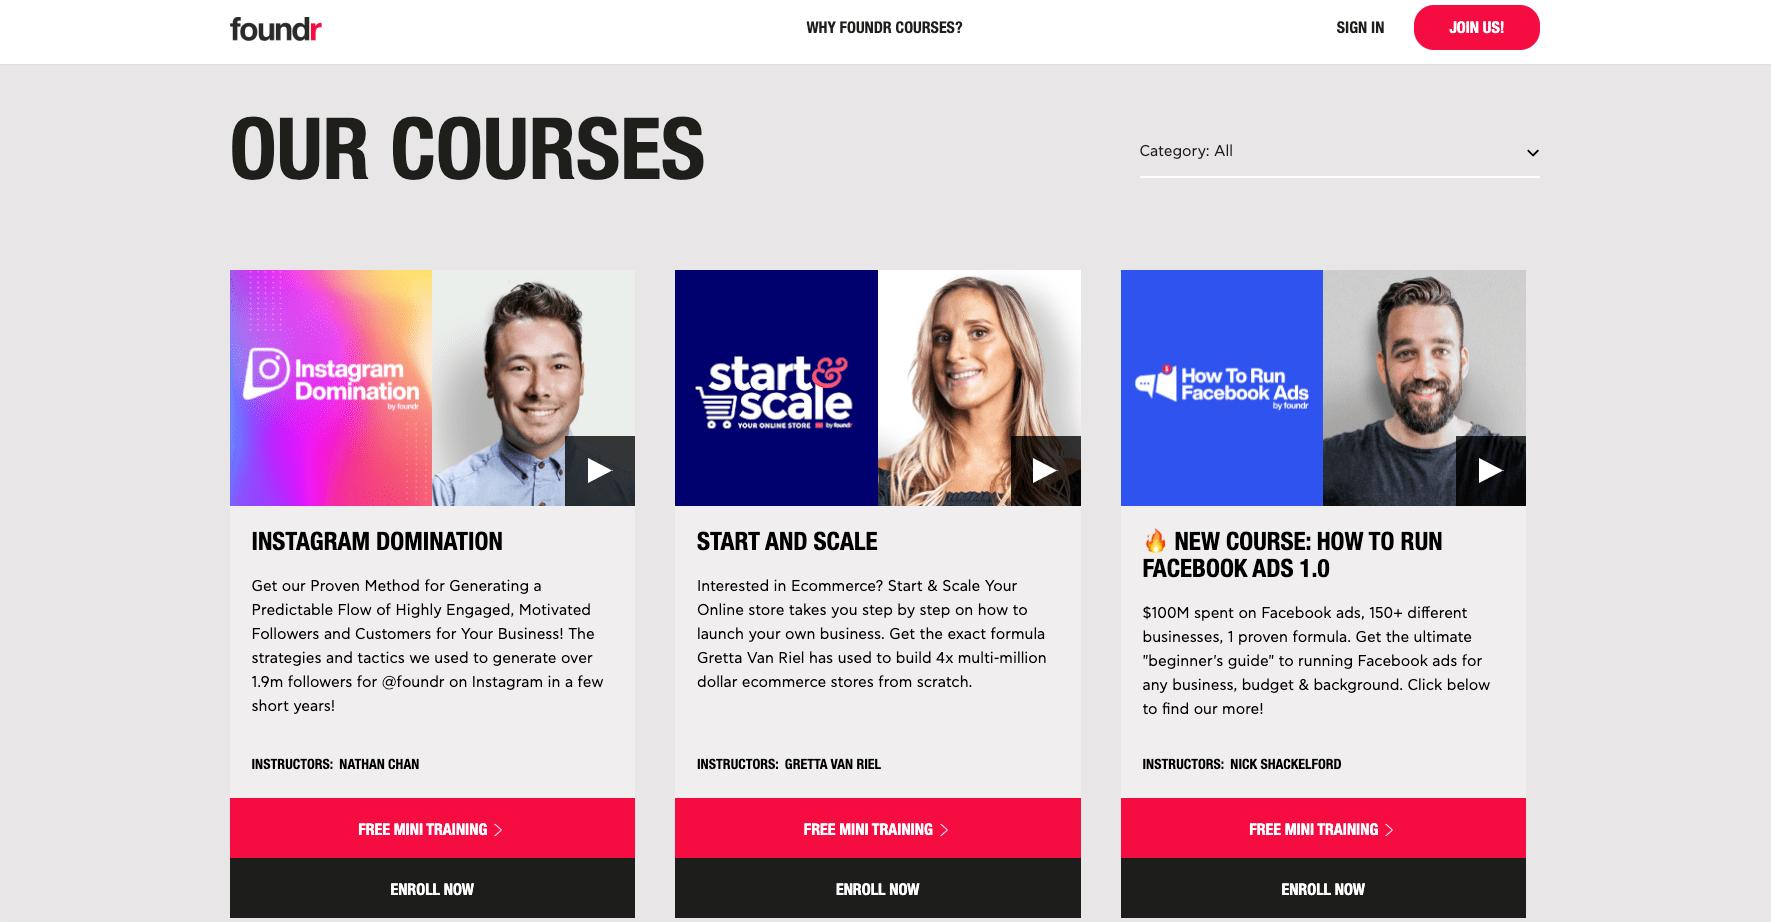 Foundrs Online Courses